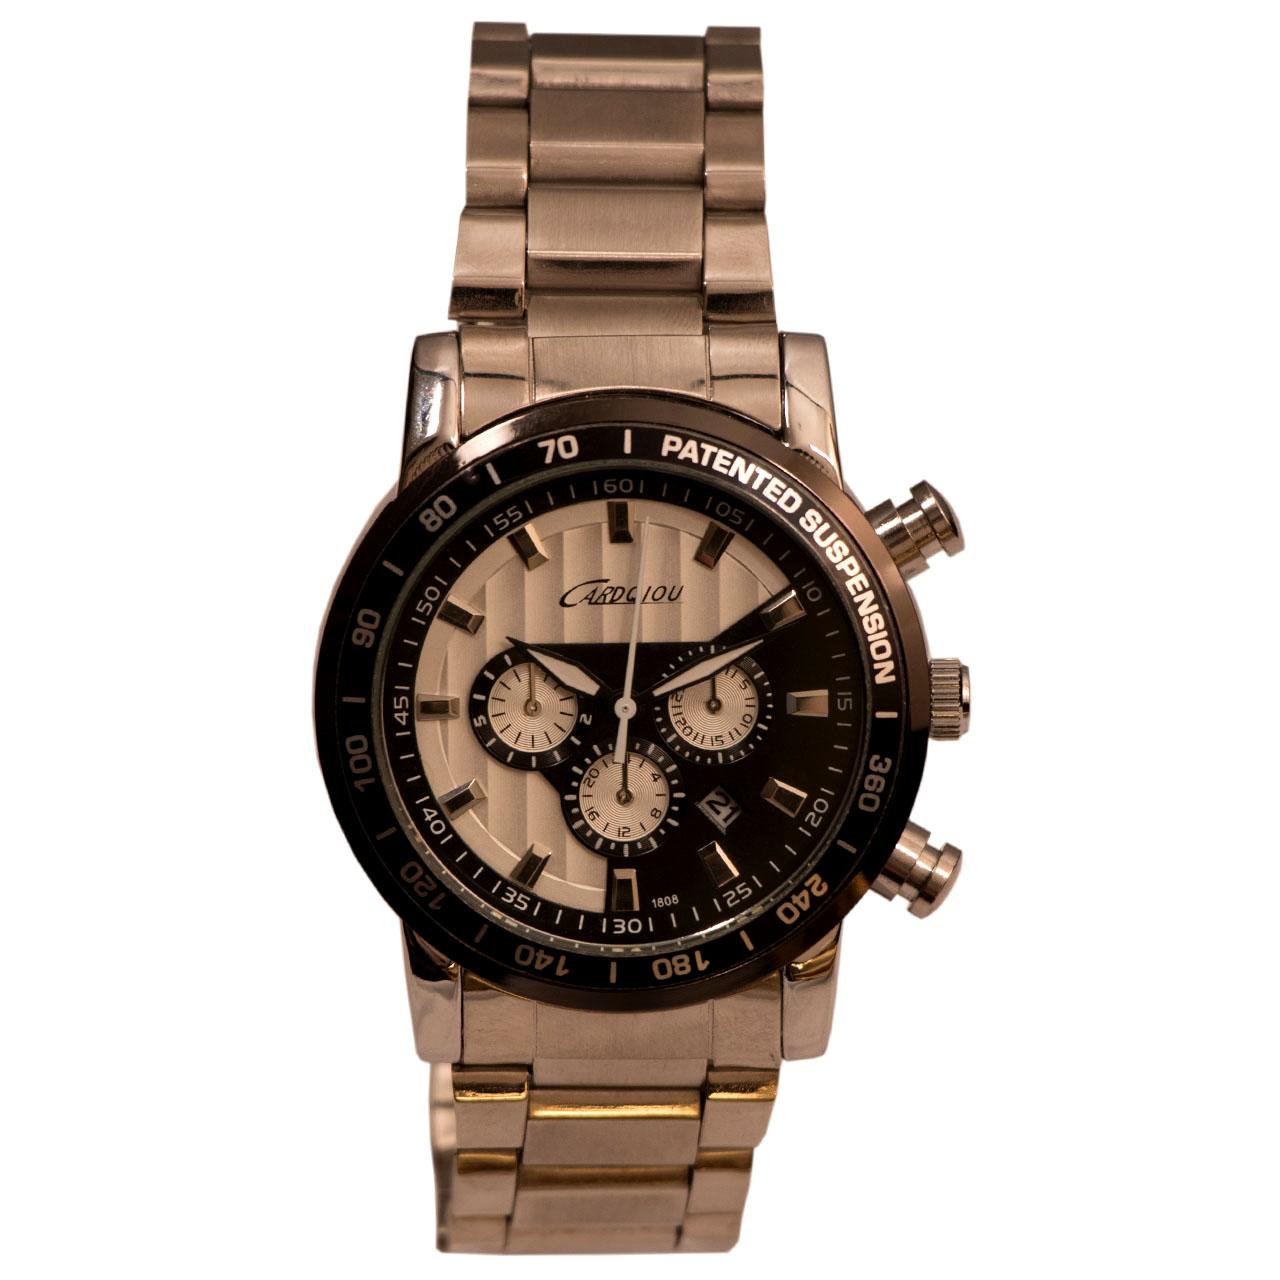 ساعت مچی عقربه ای مردانه کاردکیو مدل CARDQIOU12